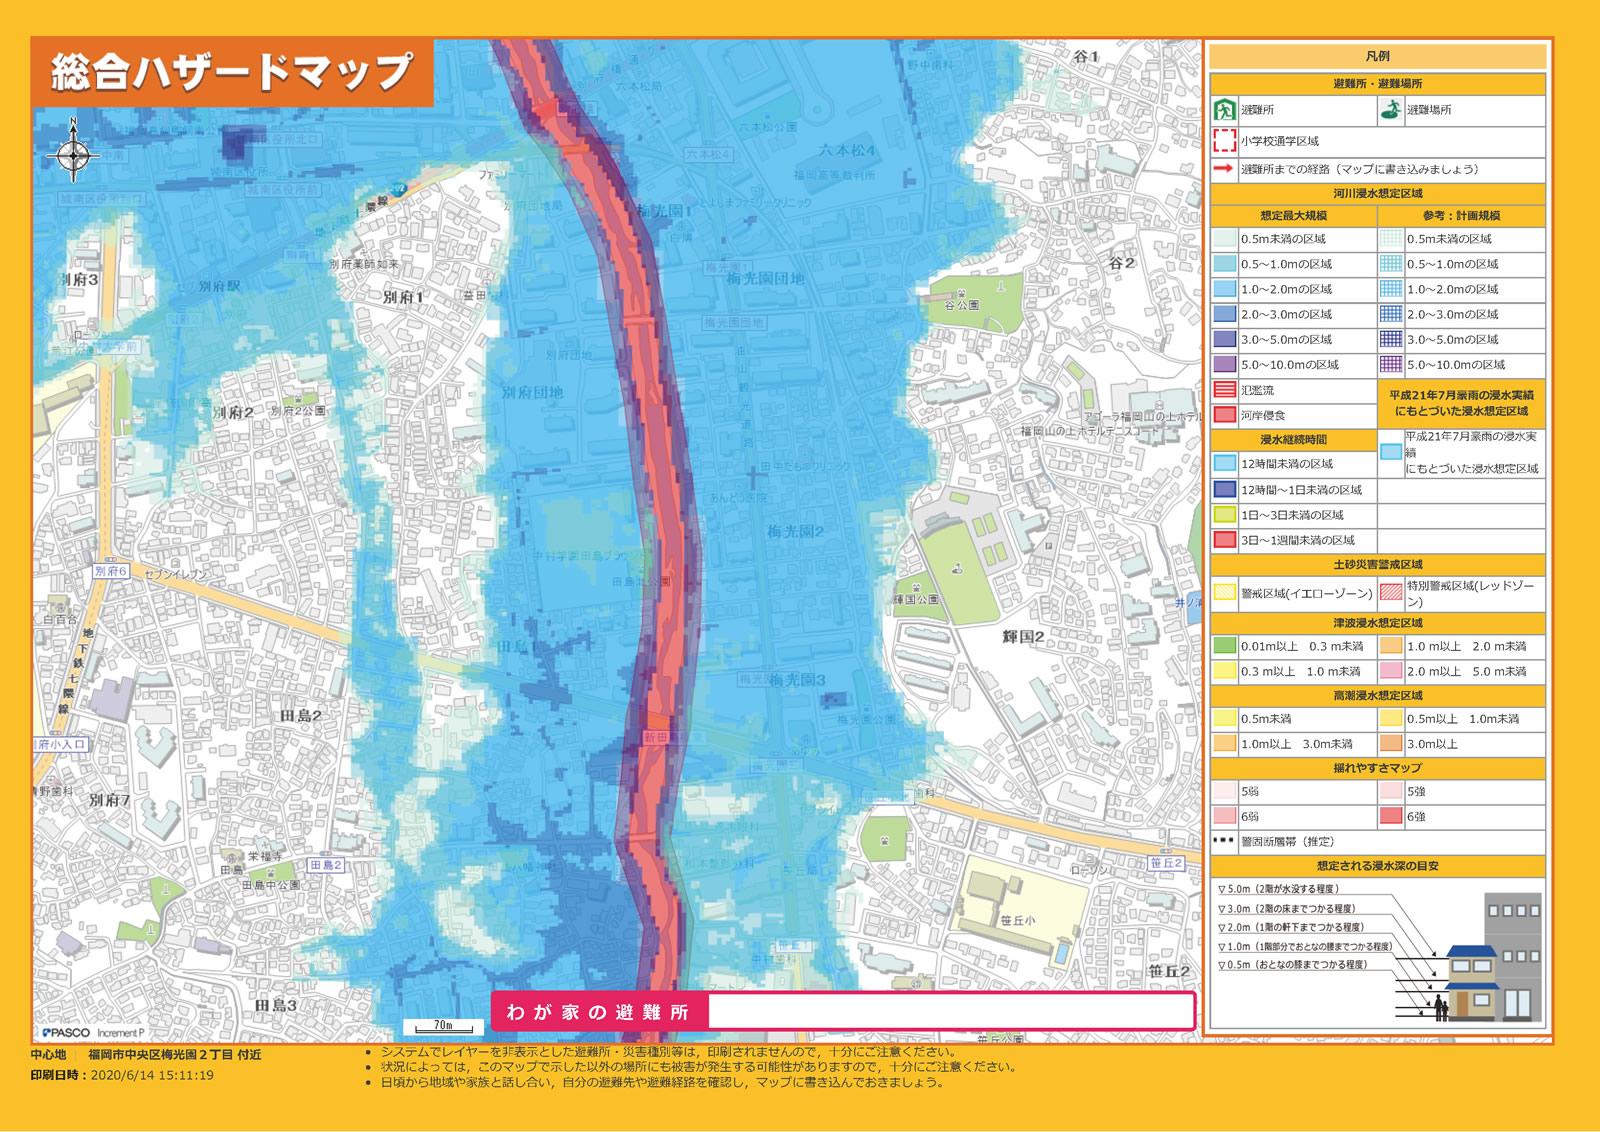 総合ハザードマップ